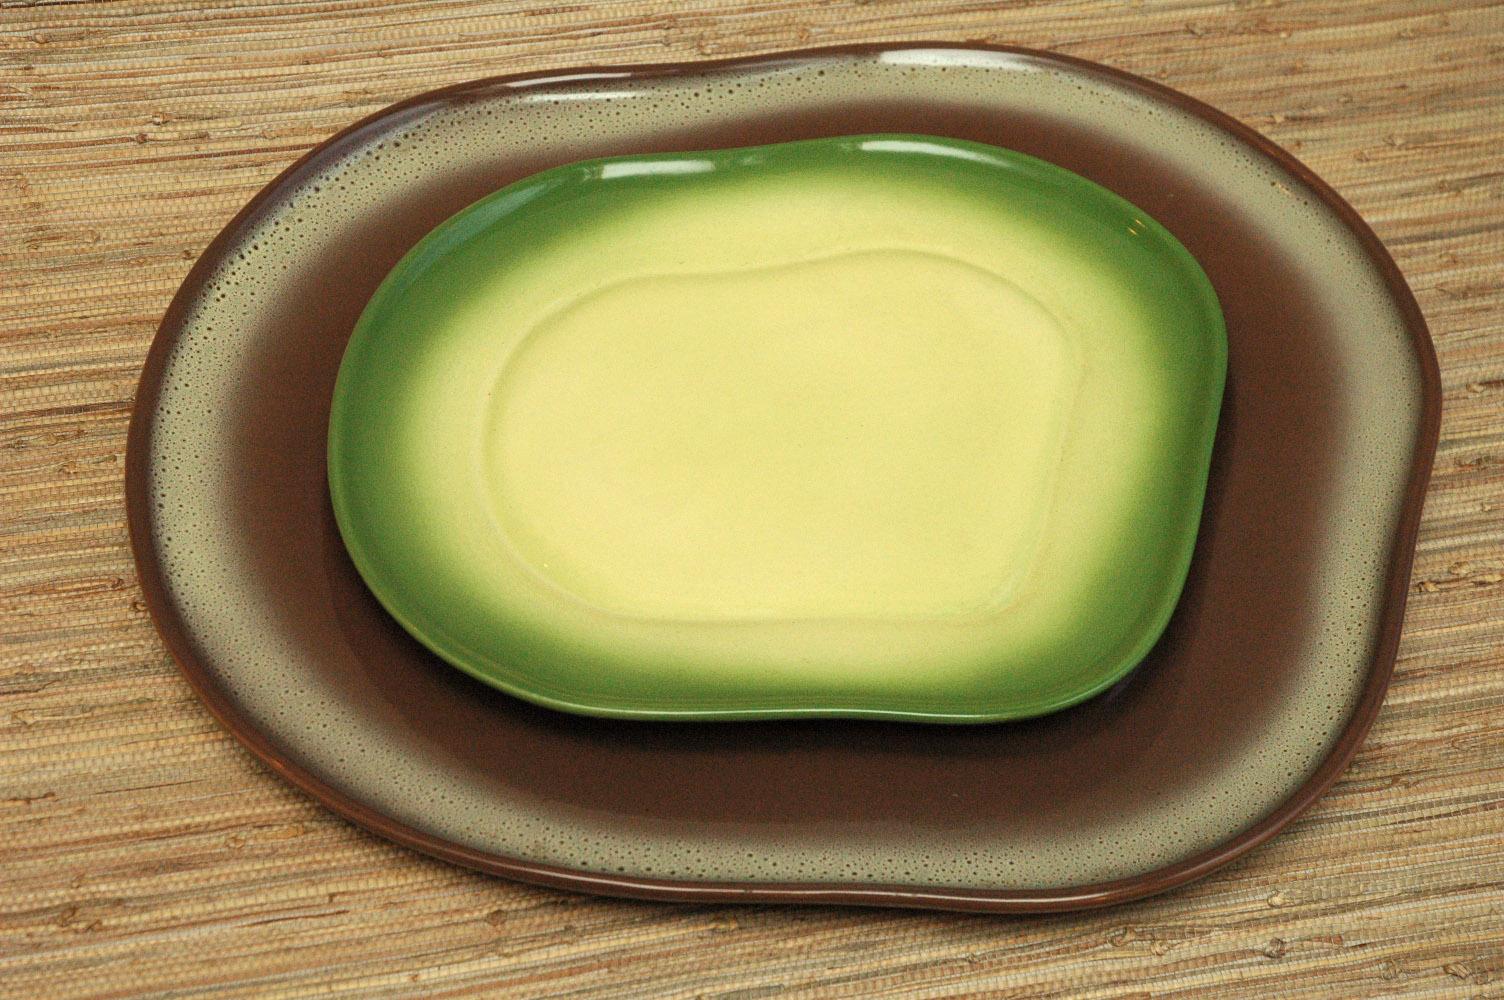 Tamac platters